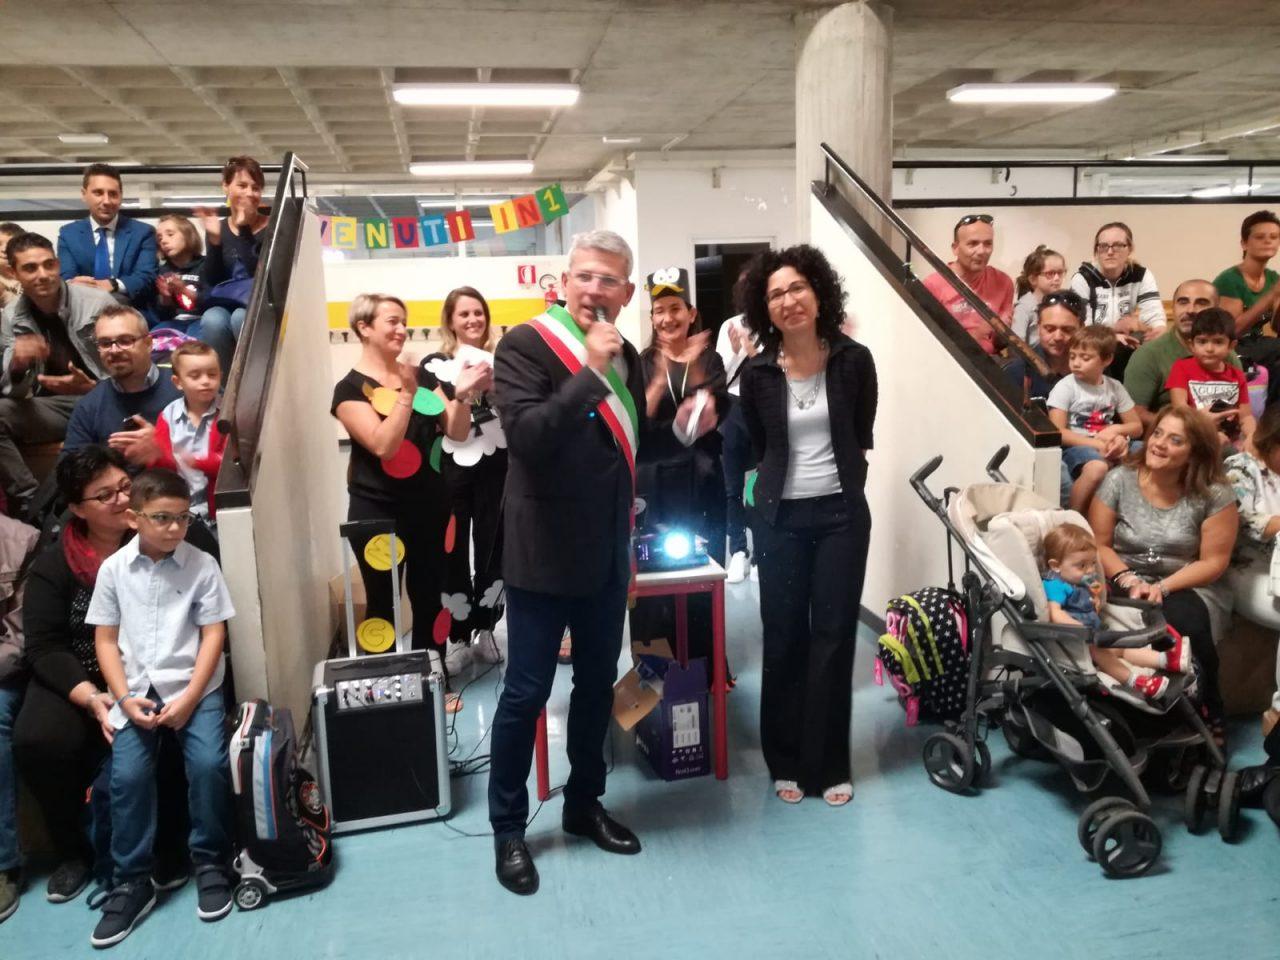 Bussero primo giorno di scuola alla primaria benvenuto del sindaco curzio rusnati e dirigente scolastica annamaria borgione